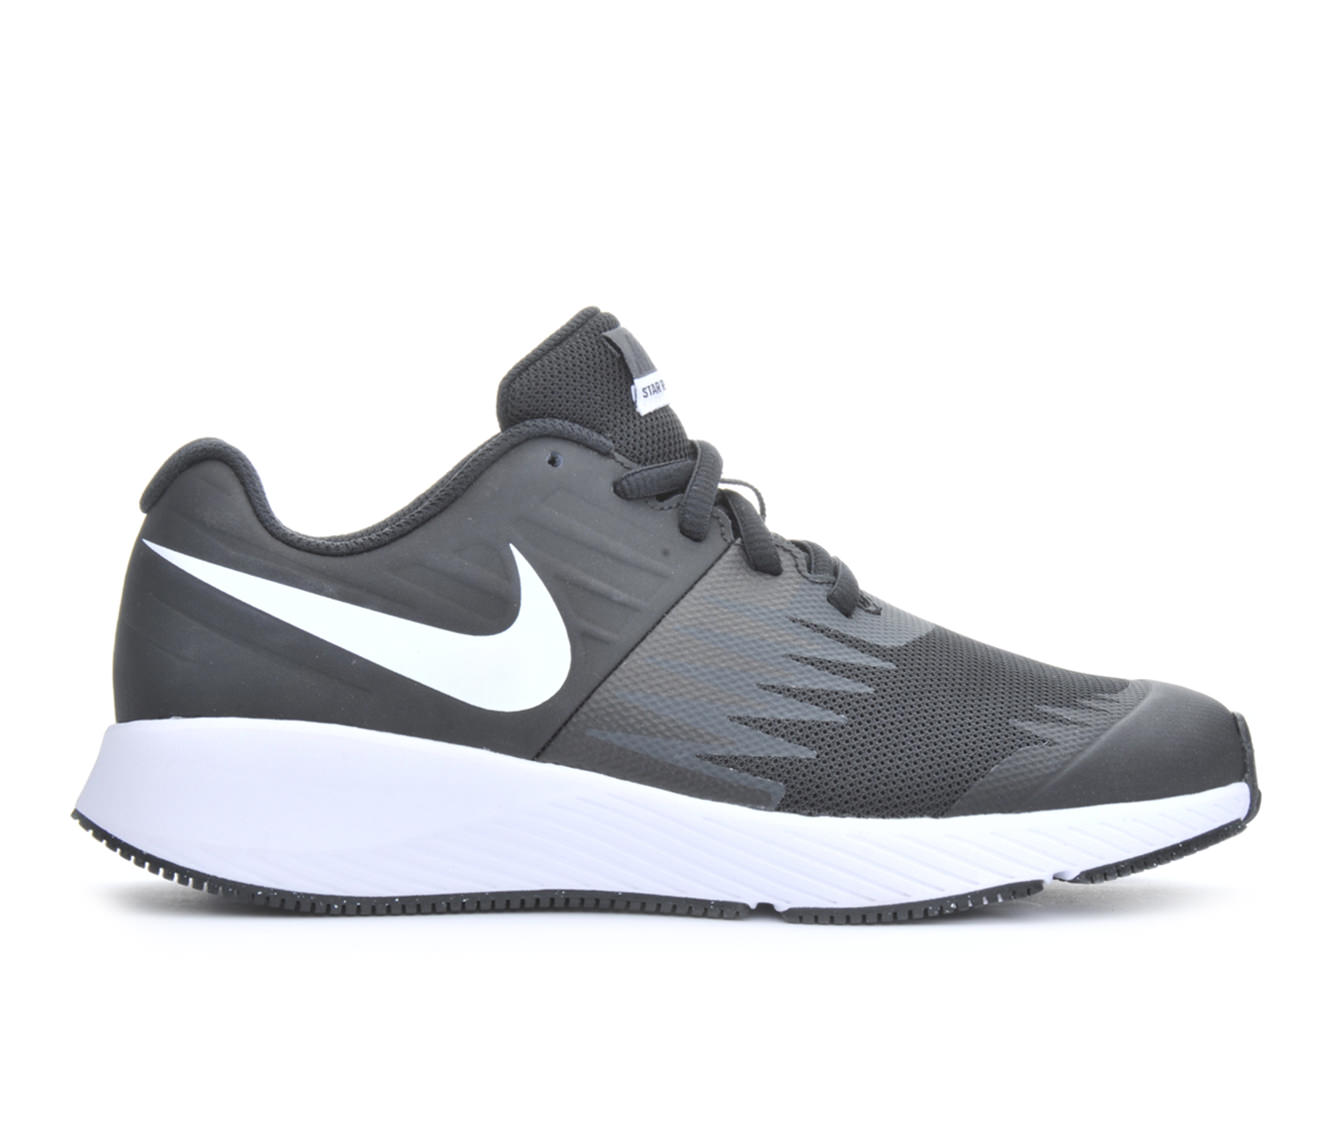 Boys' Nike Star Runner Running Shoes (Black)